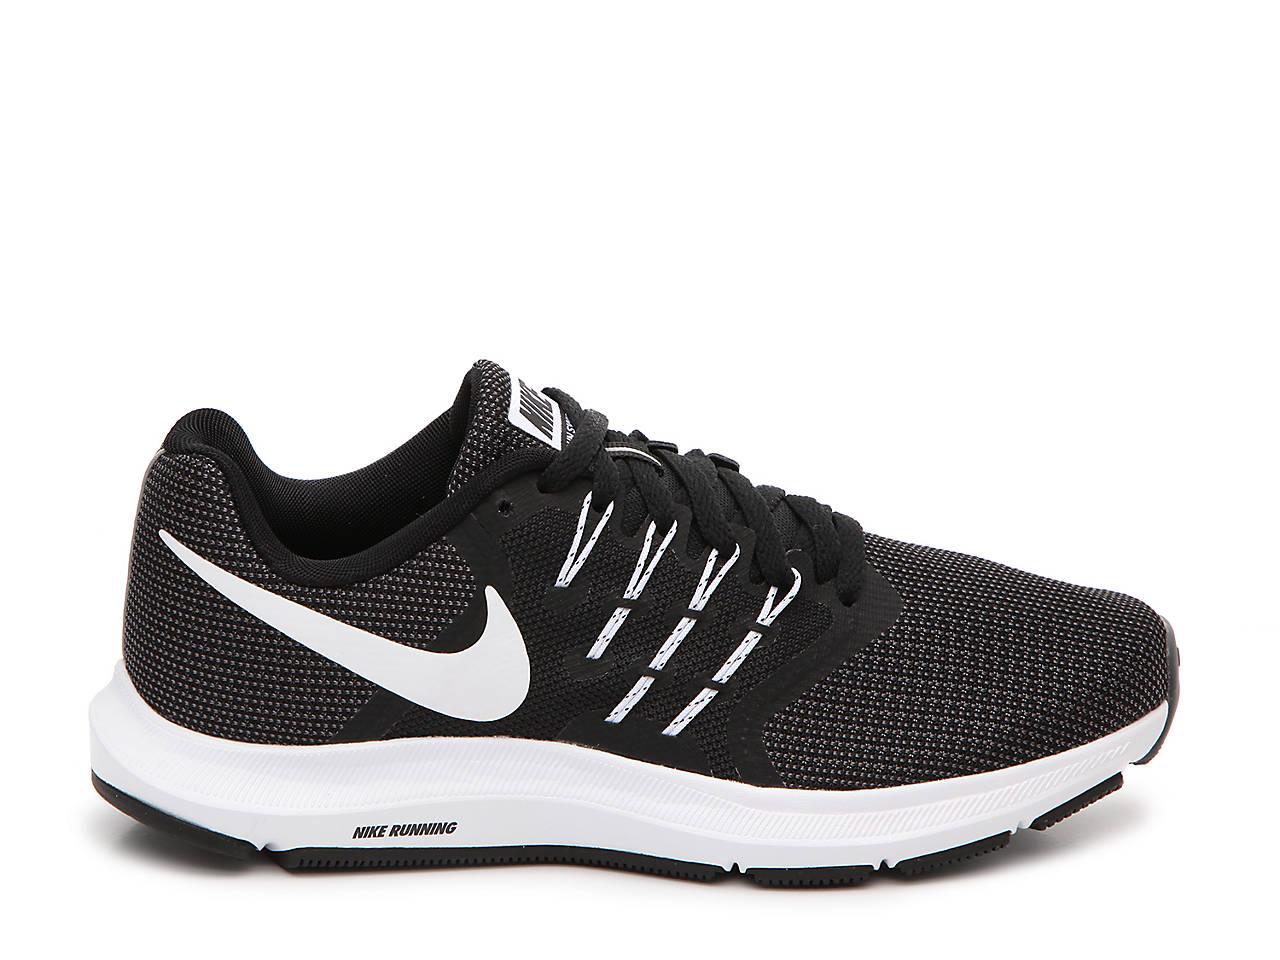 Nike Run Swift Lightweight Running Shoe - Women s Women s Shoes  bb80c73214b2